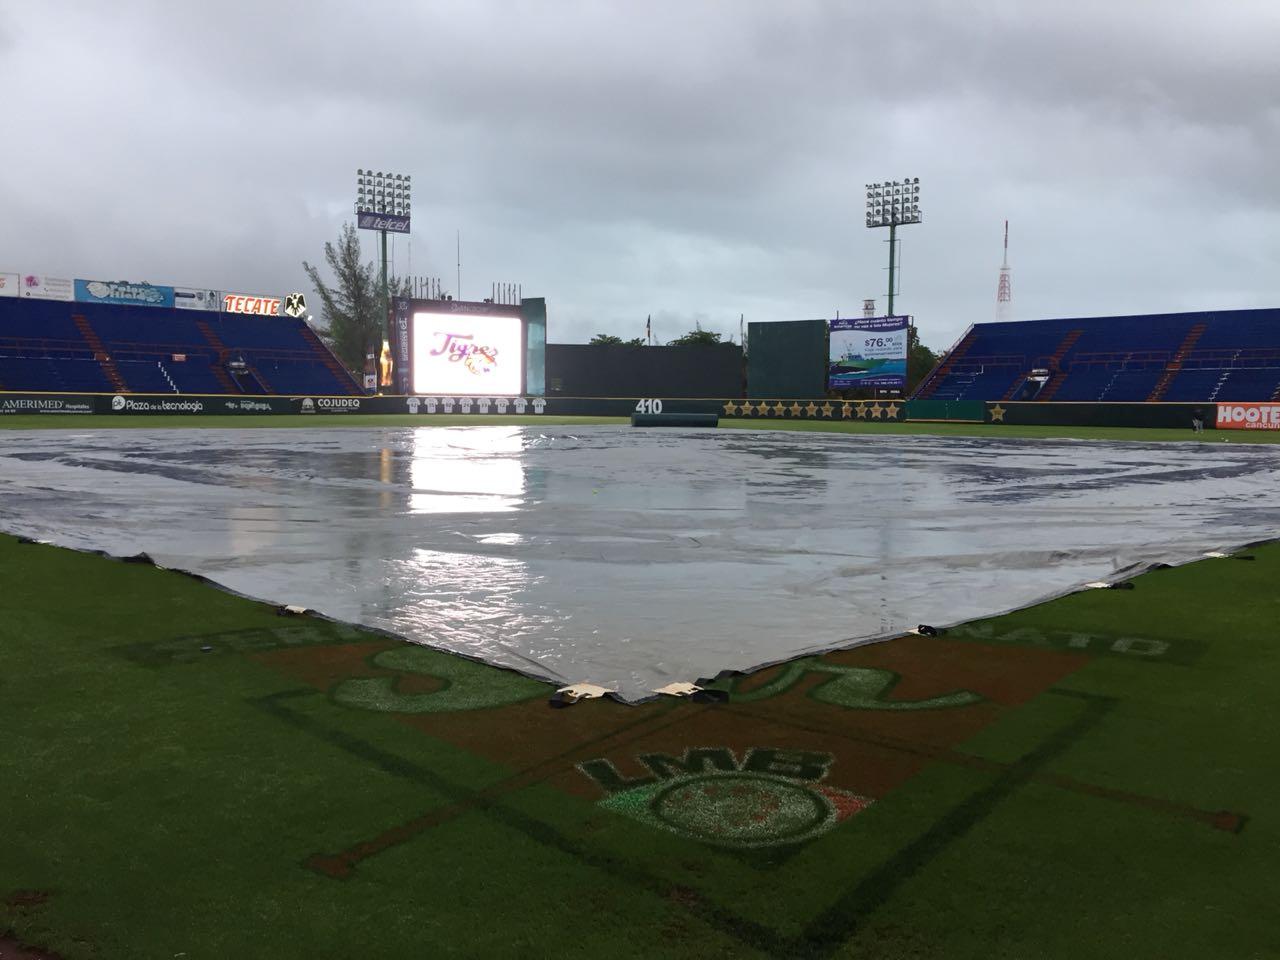 Leones vs Tigres, este sábado a las 4:00 pm en Cancún